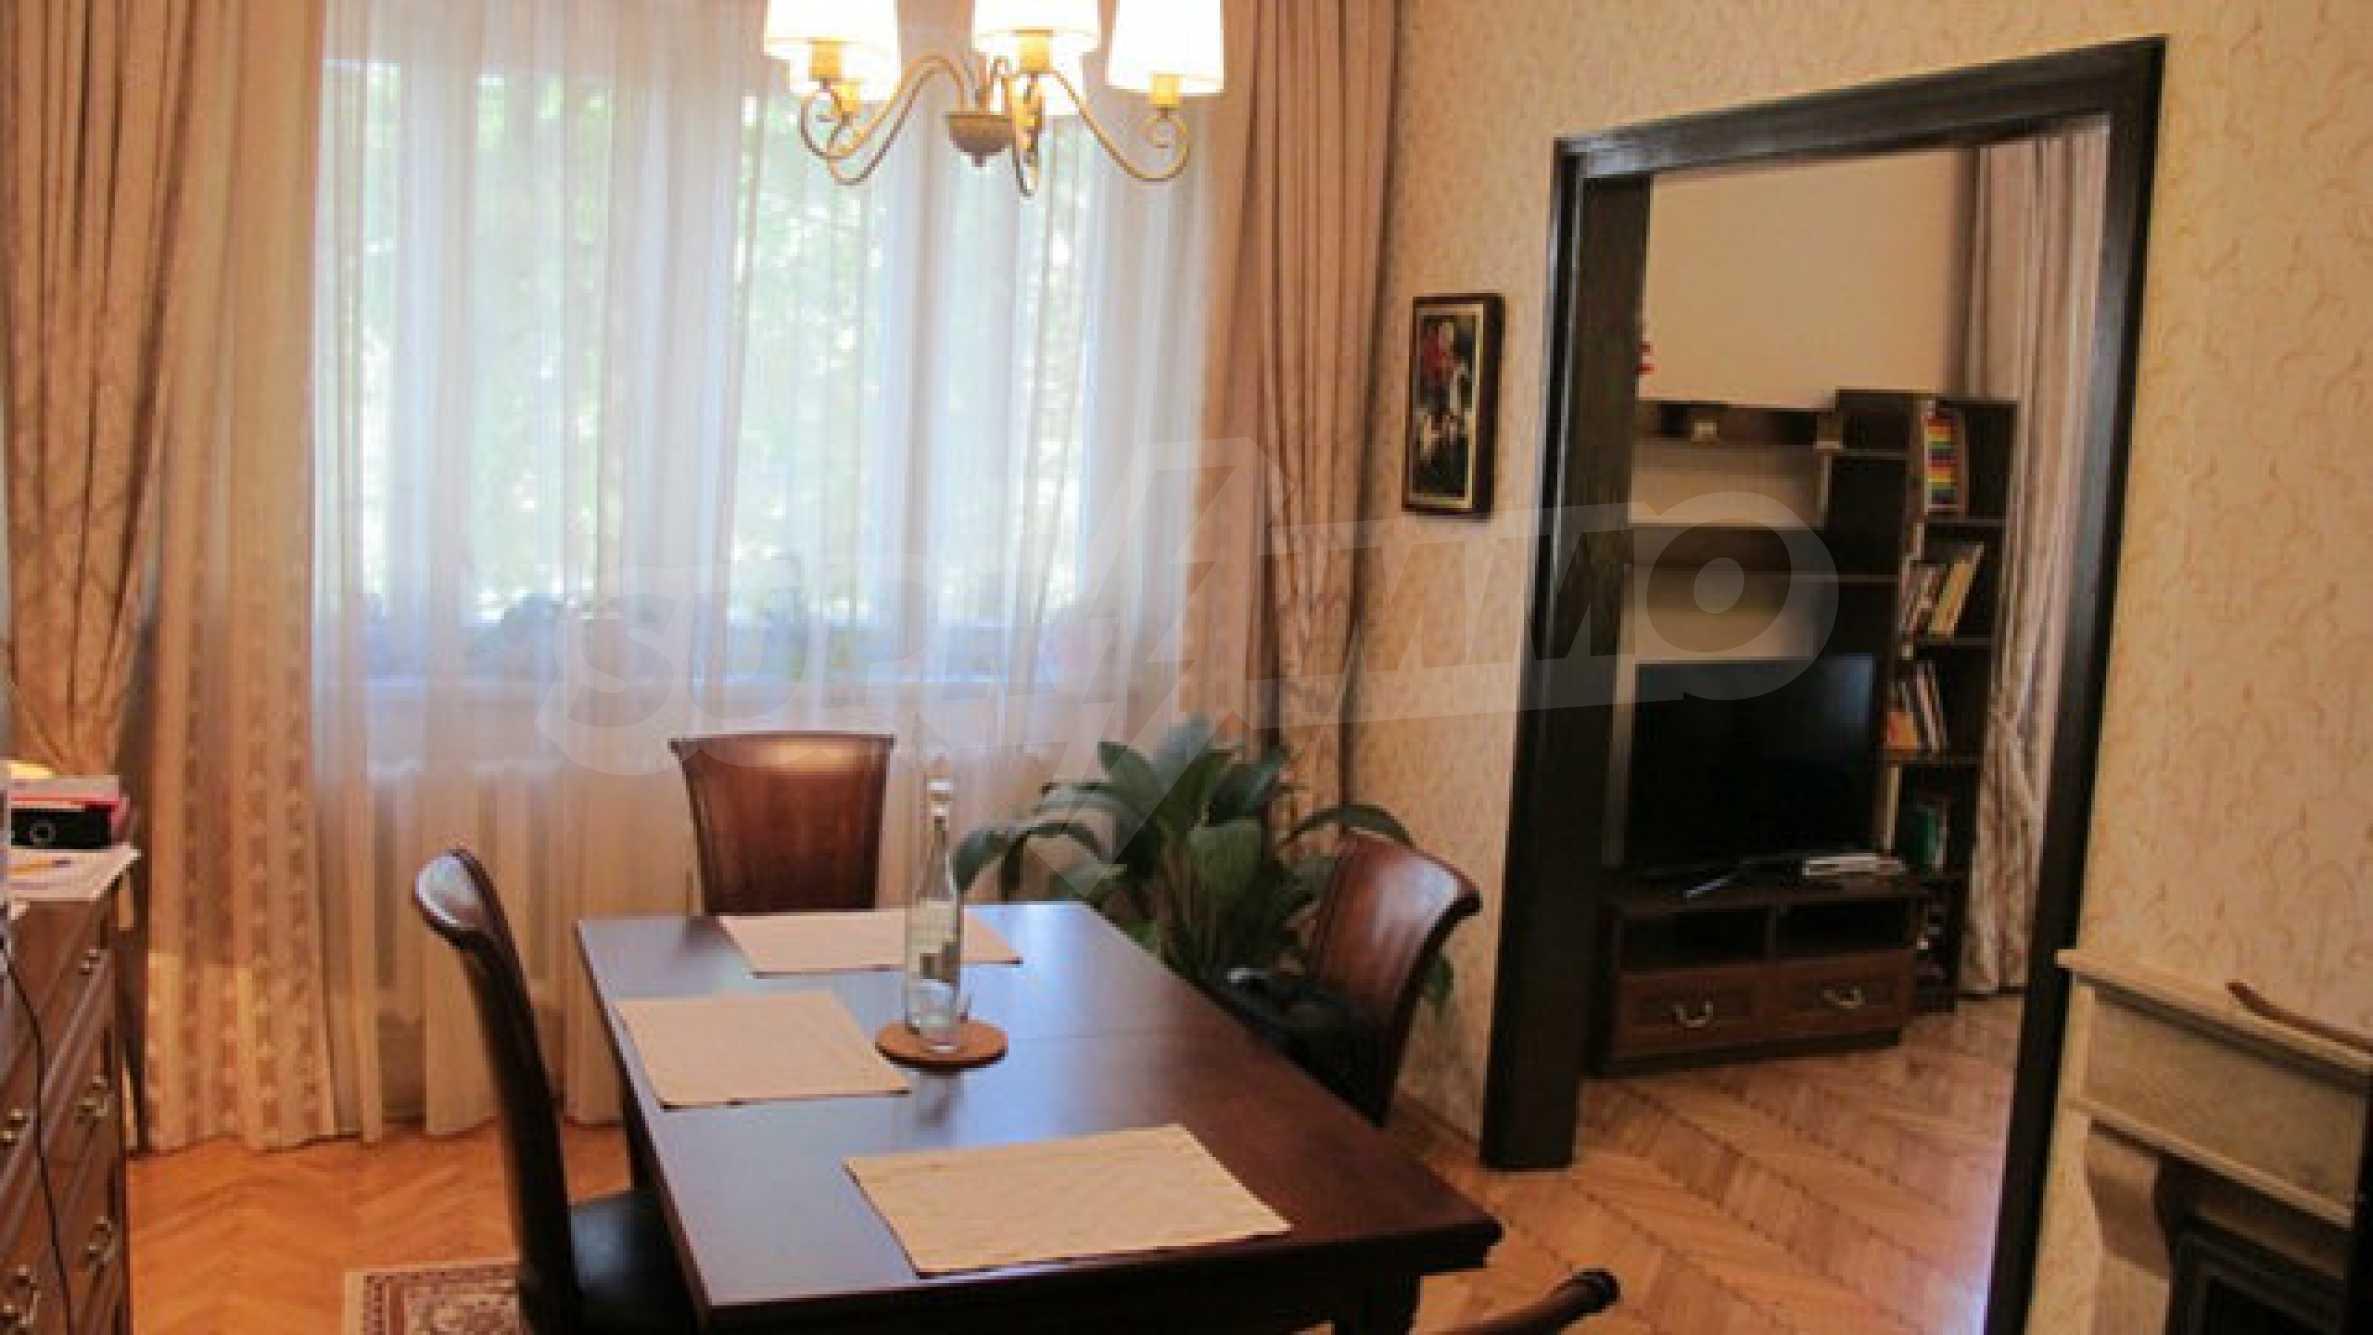 Zwei-Zimmer-Wohnung in einem idealen Zentrum 16